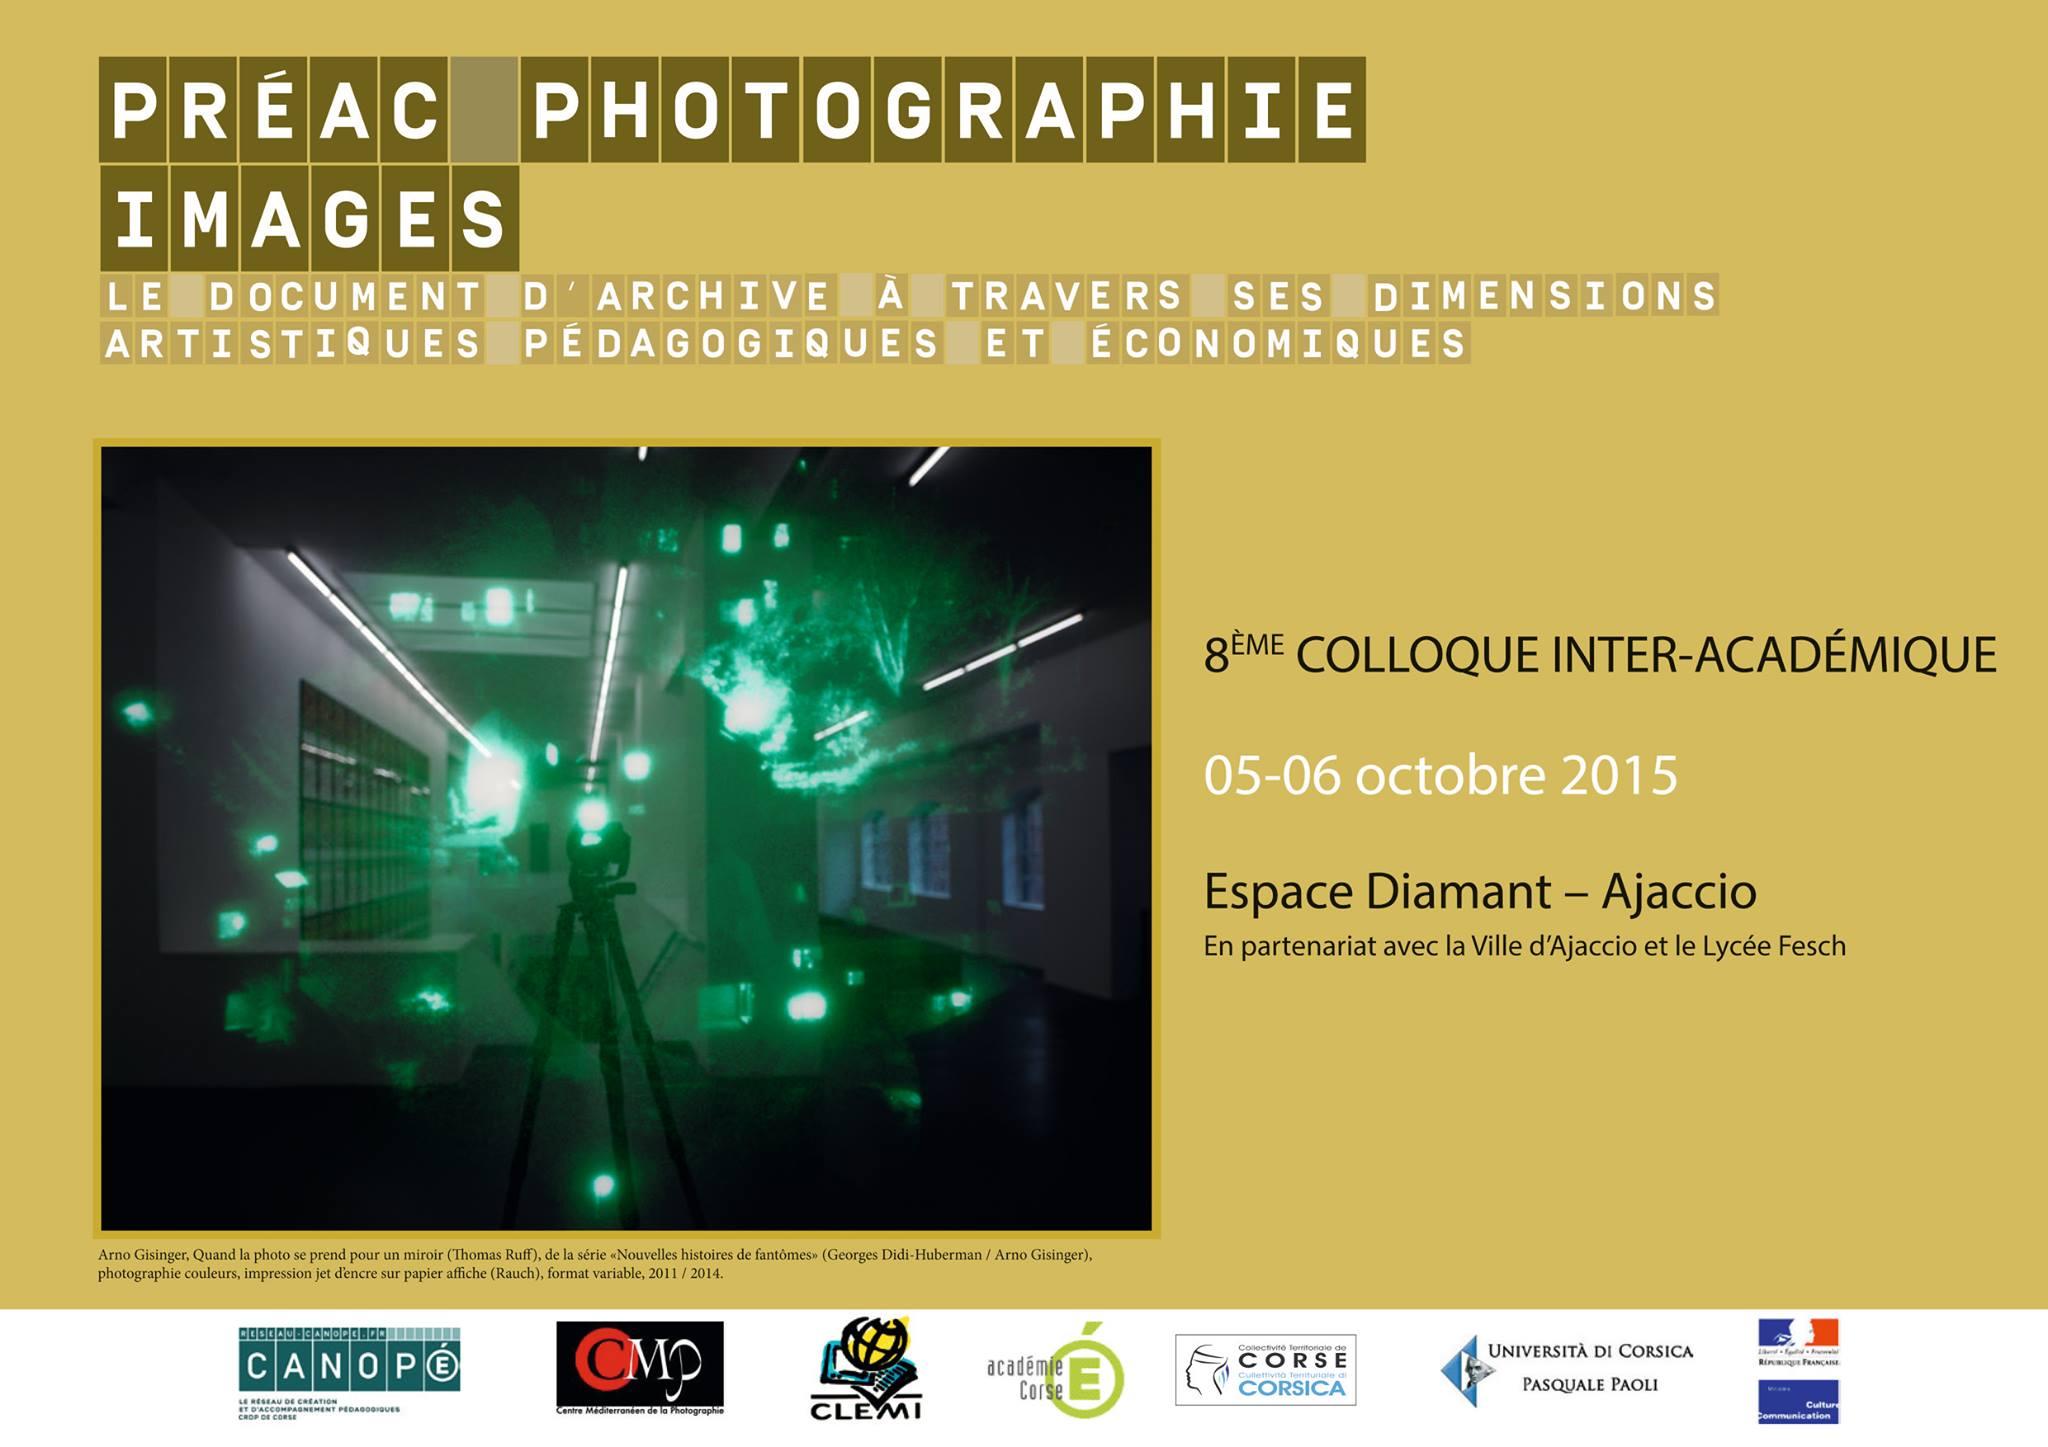 8ème colloque avec le Centre Méditerranéen de la Photographie à l'Espace Diamant à Ajaccio